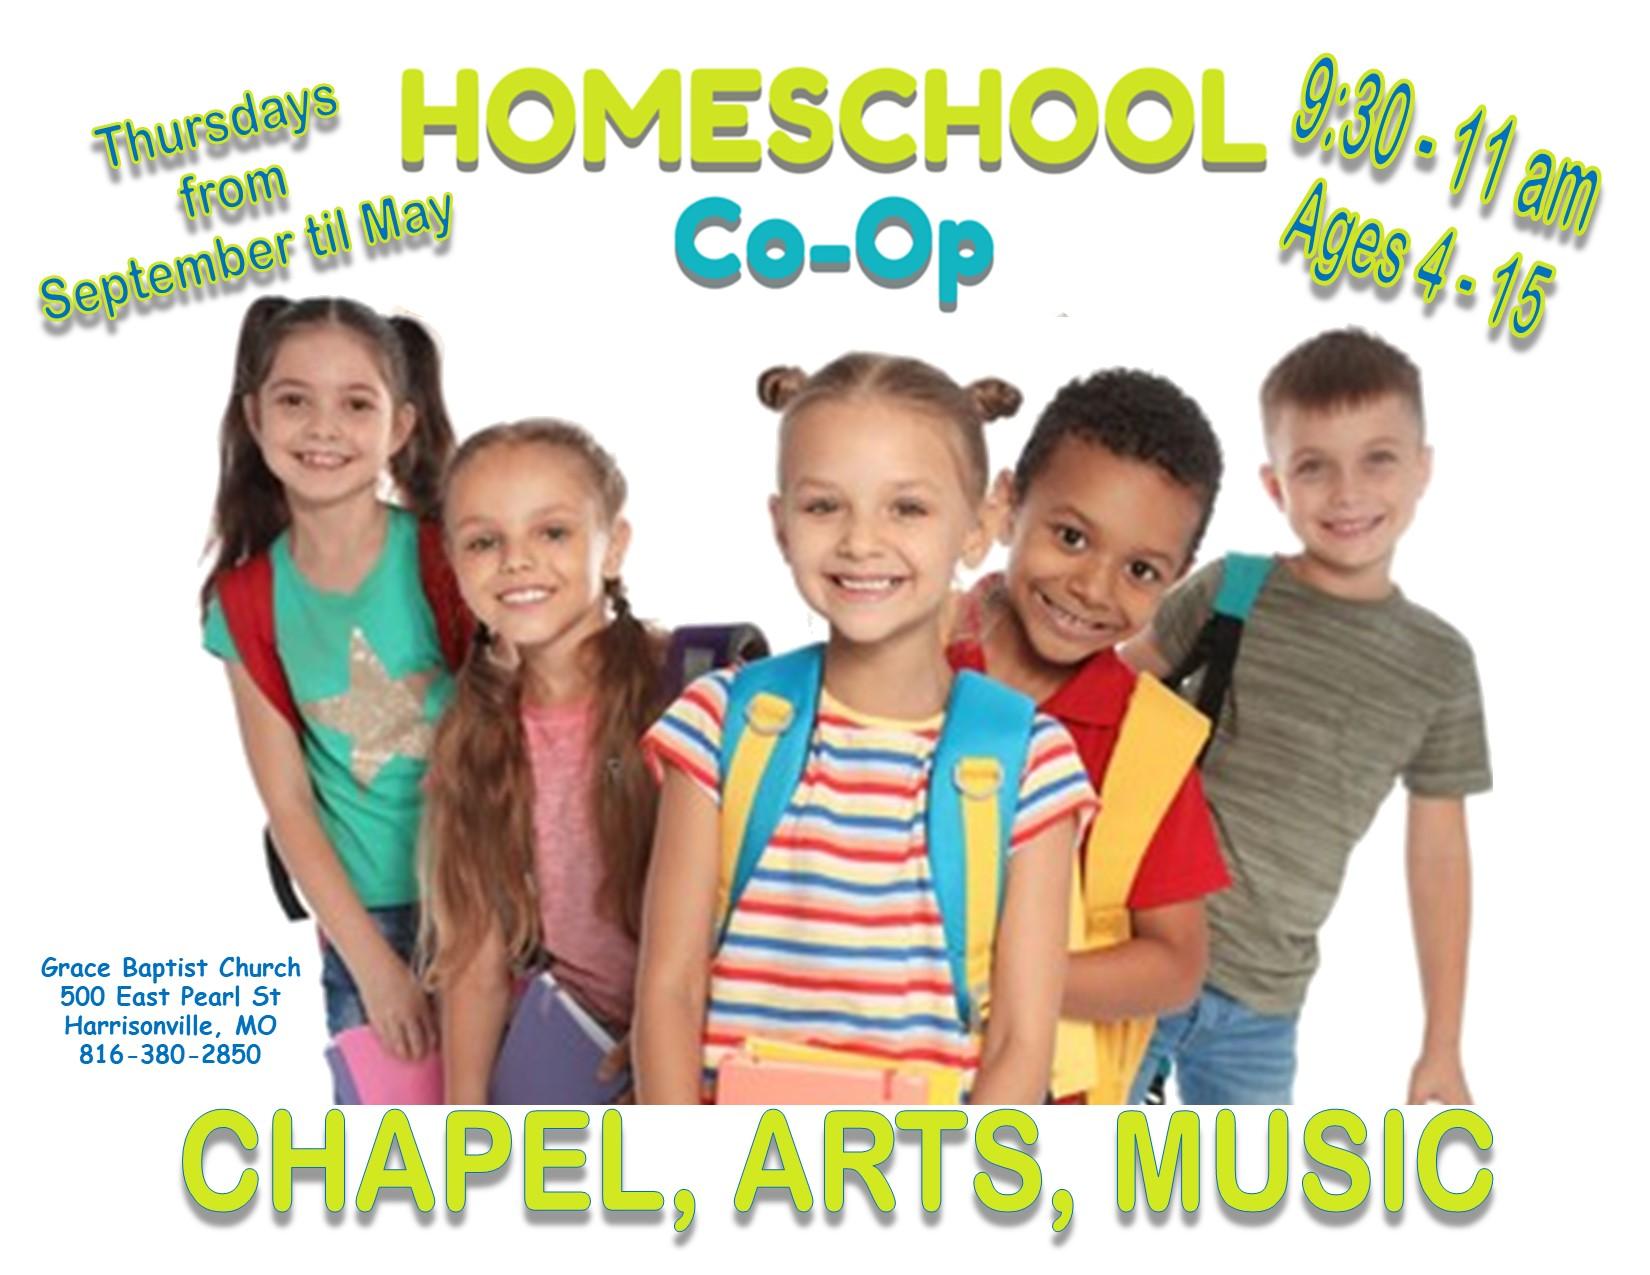 homeschool-co-op-flyer